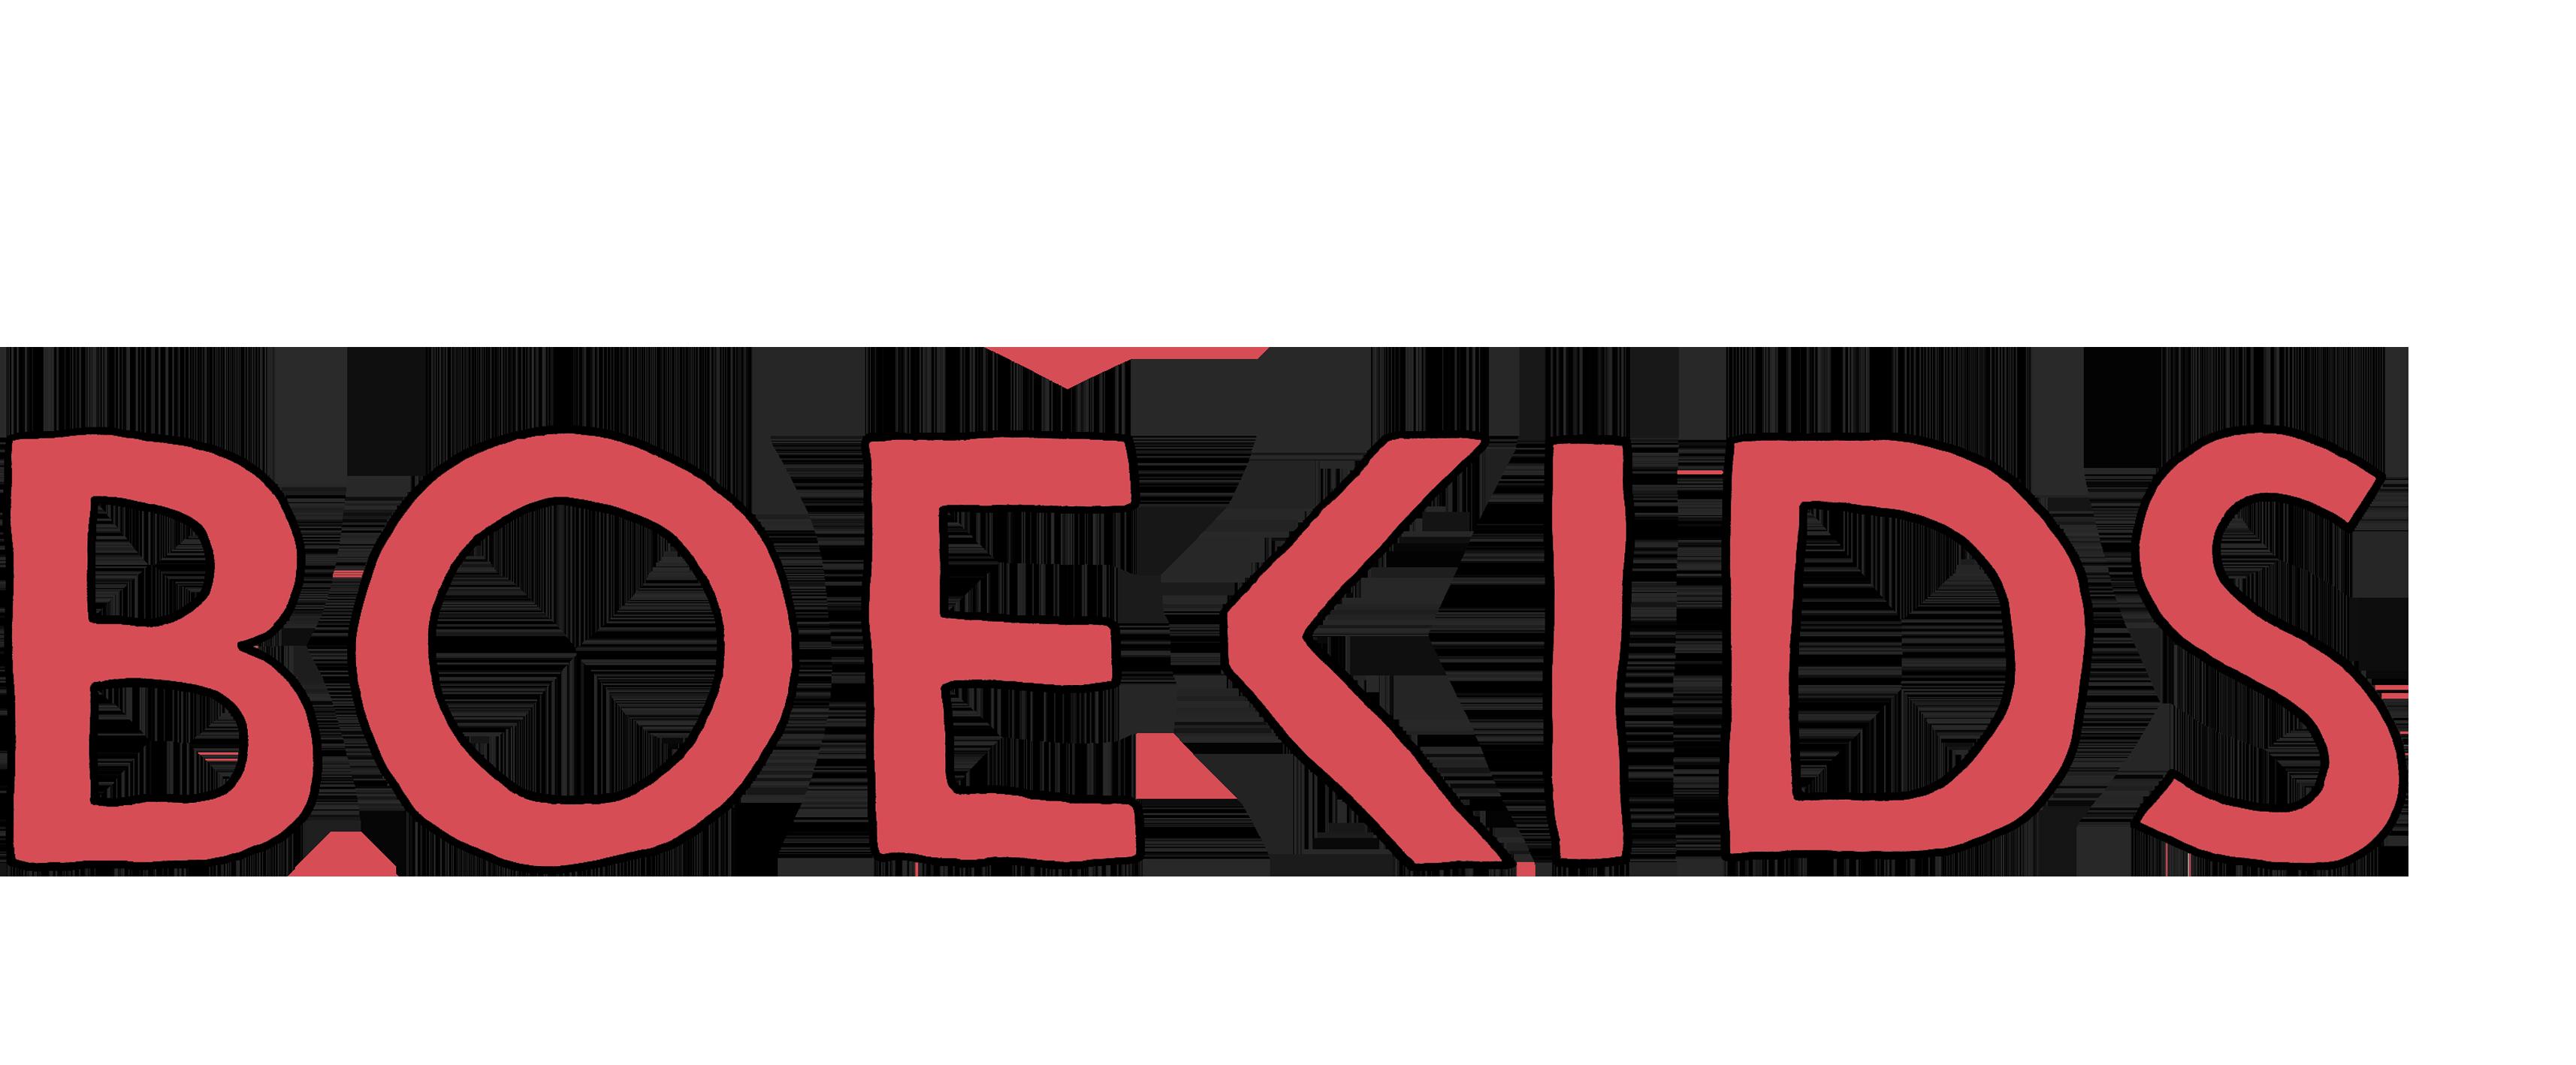 Boekids